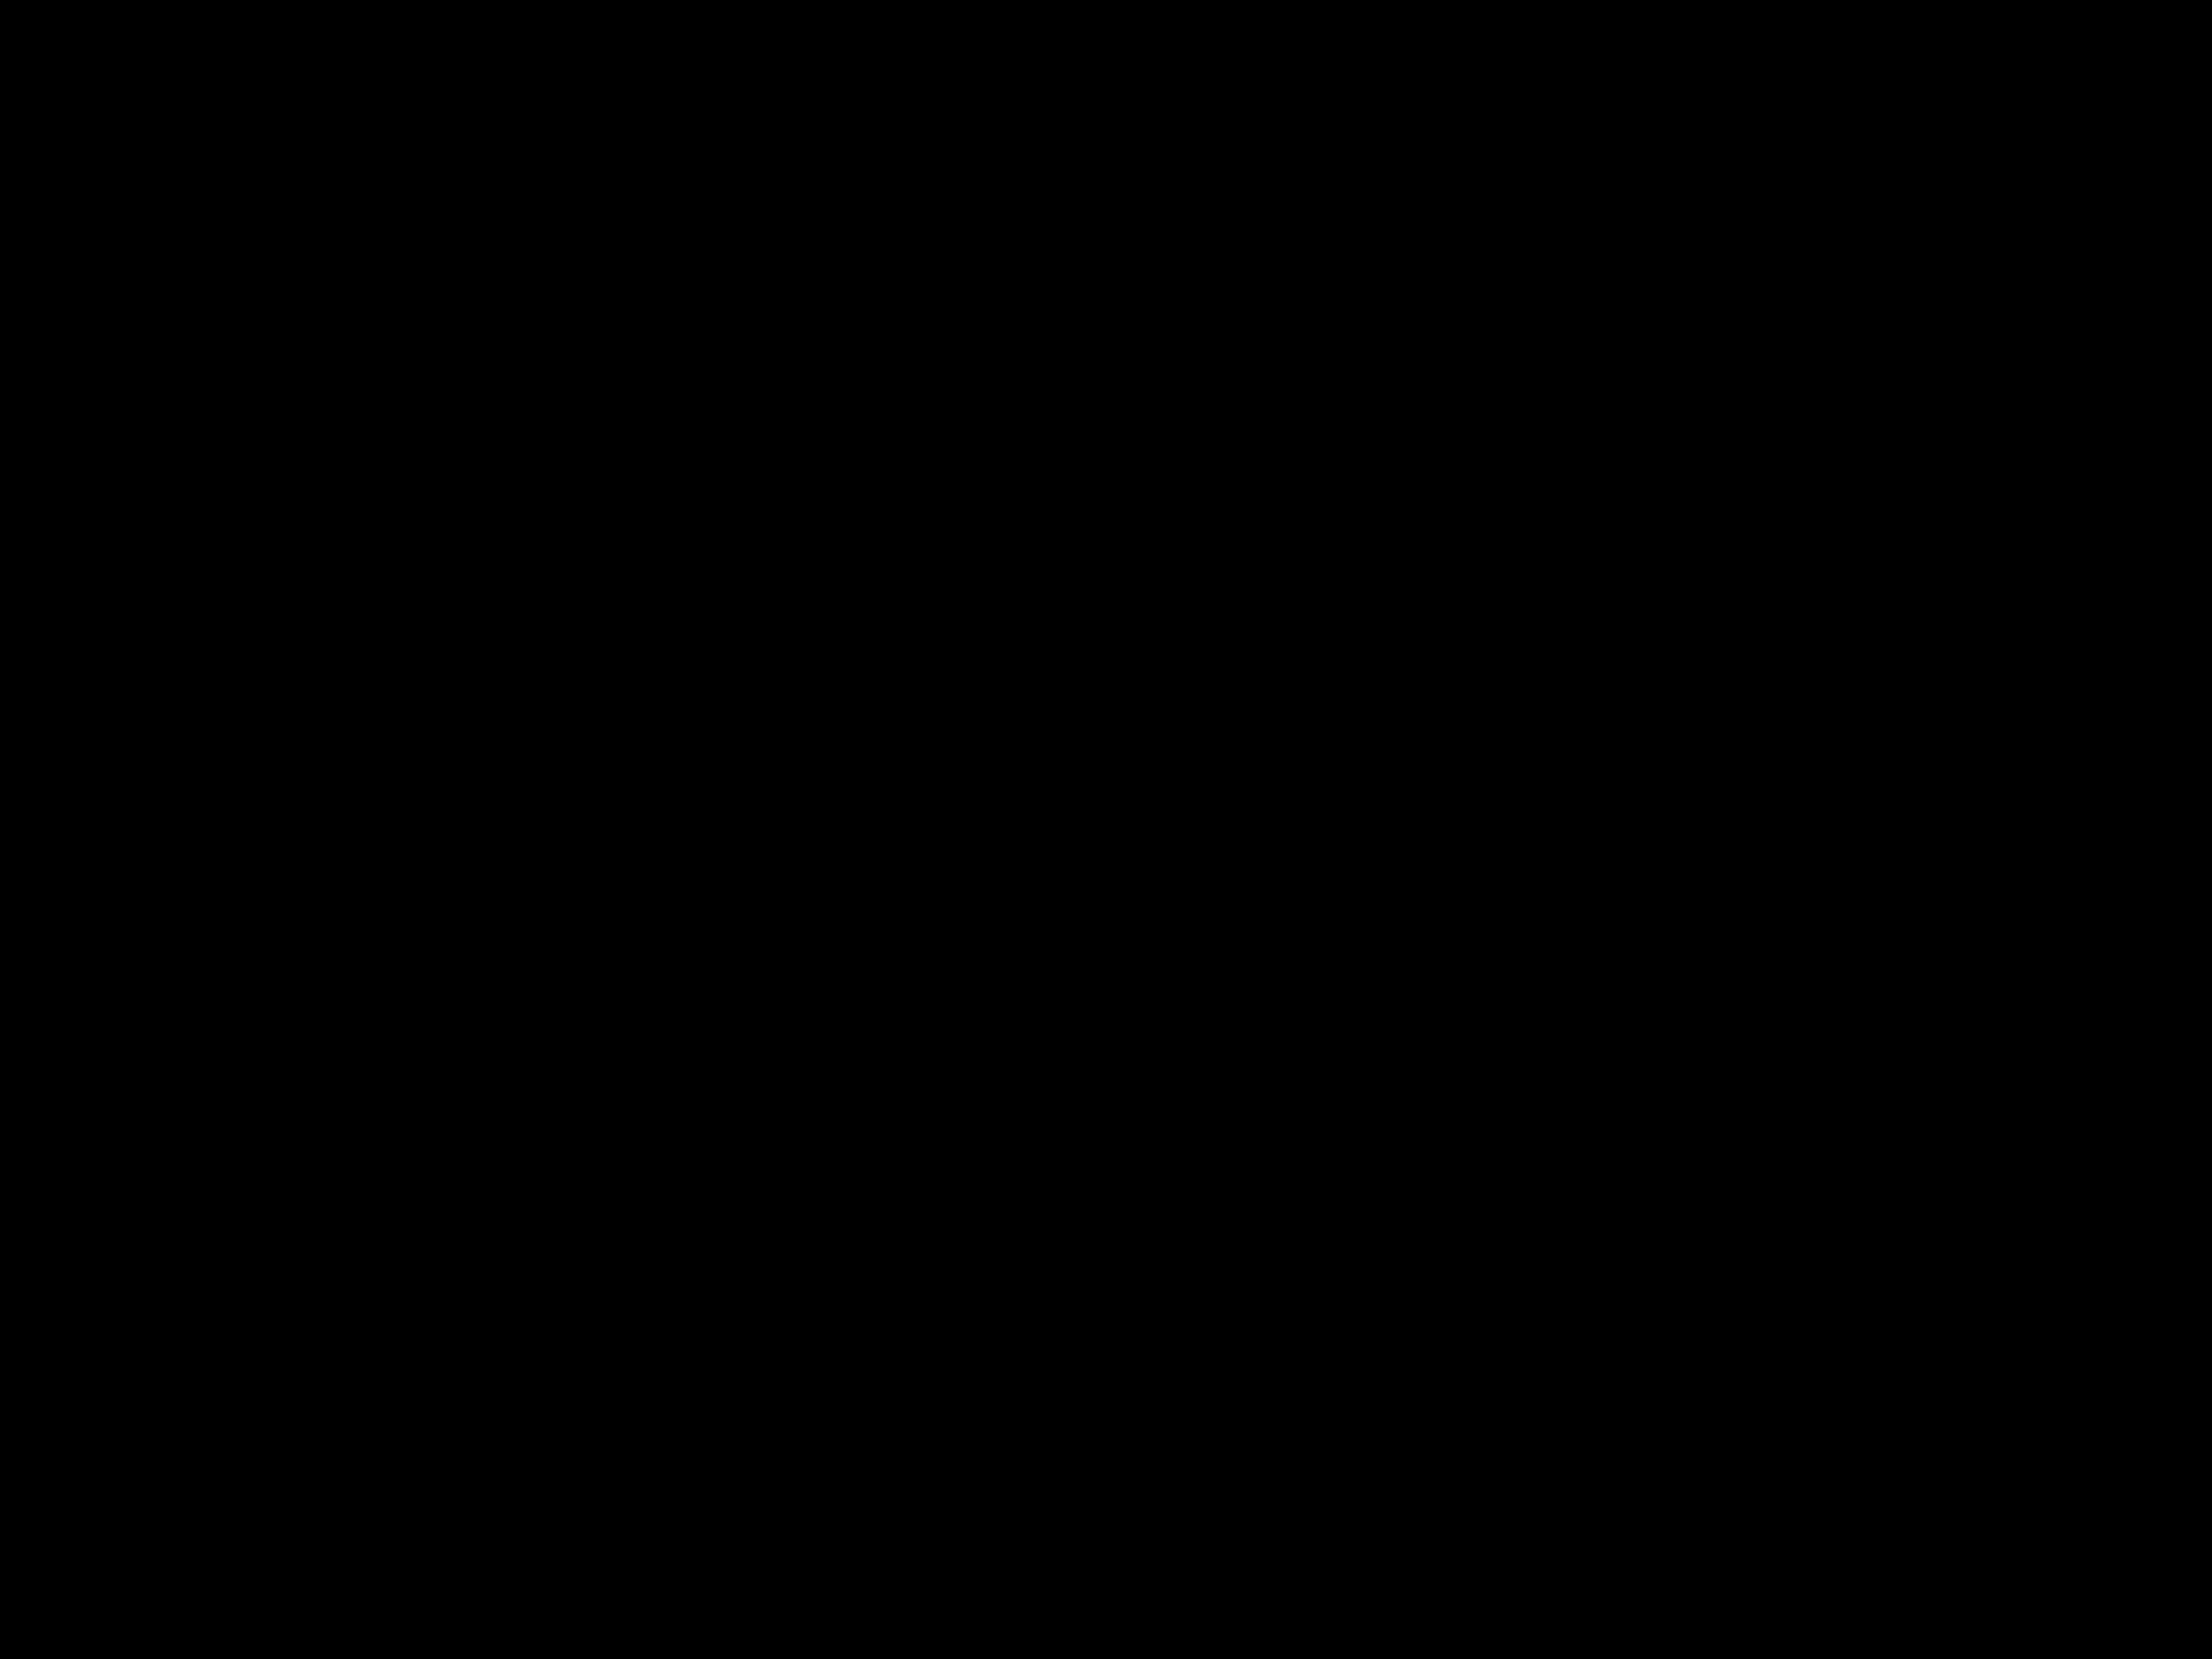 Bayonetta 2 - Bayonetta 2 10K, Арт